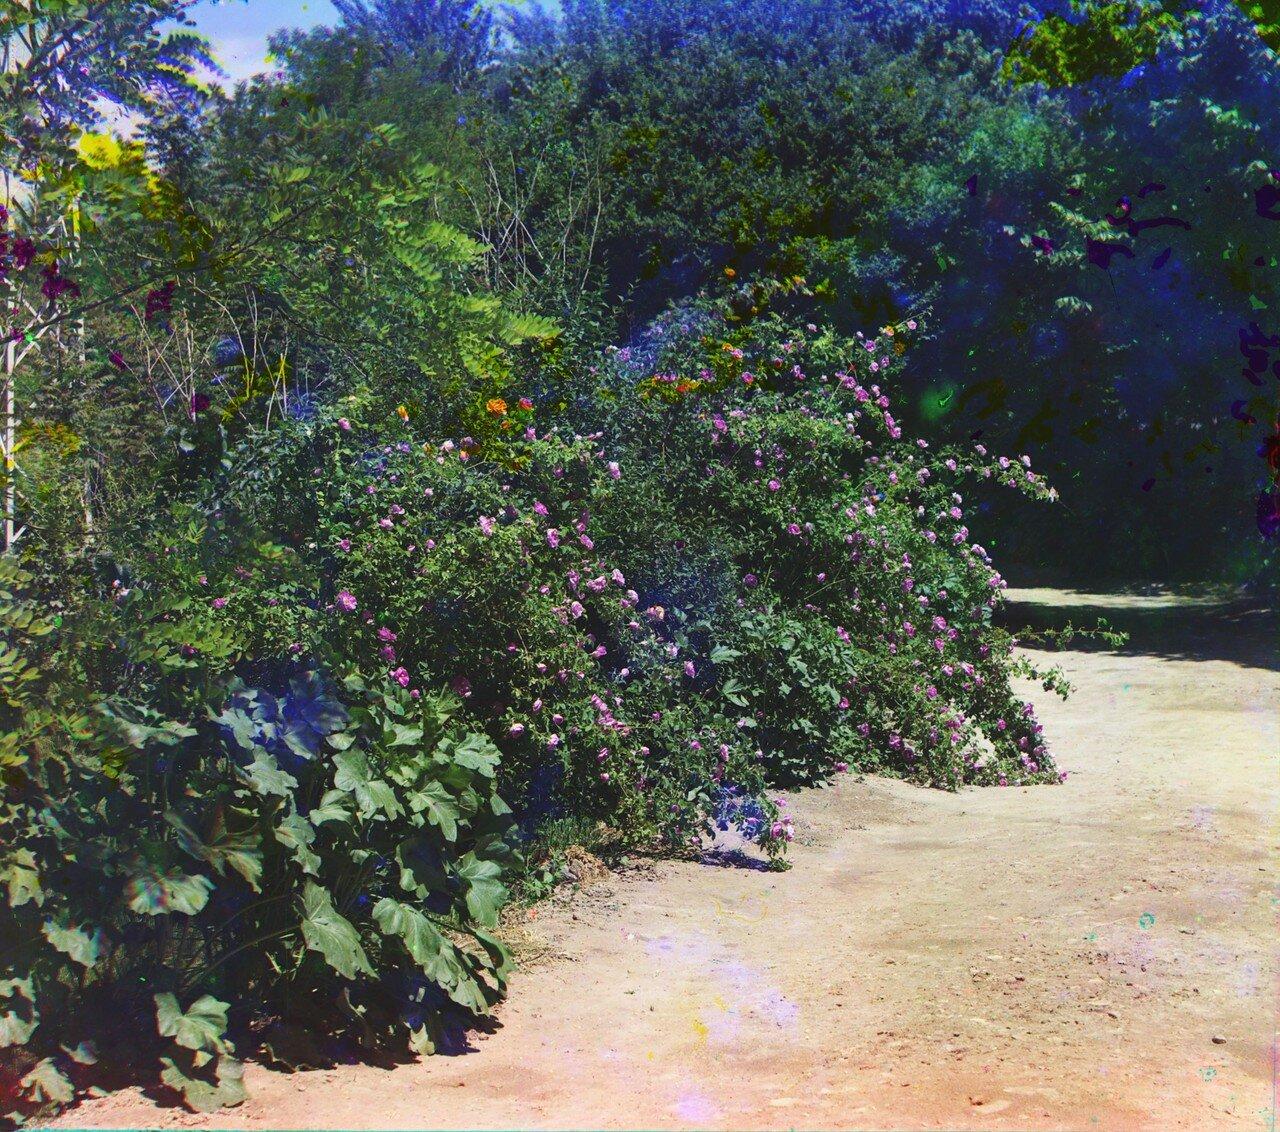 Окрестности Мерва. Байрам-Али. Мургабское имение. Розы в парке Мургабского имения